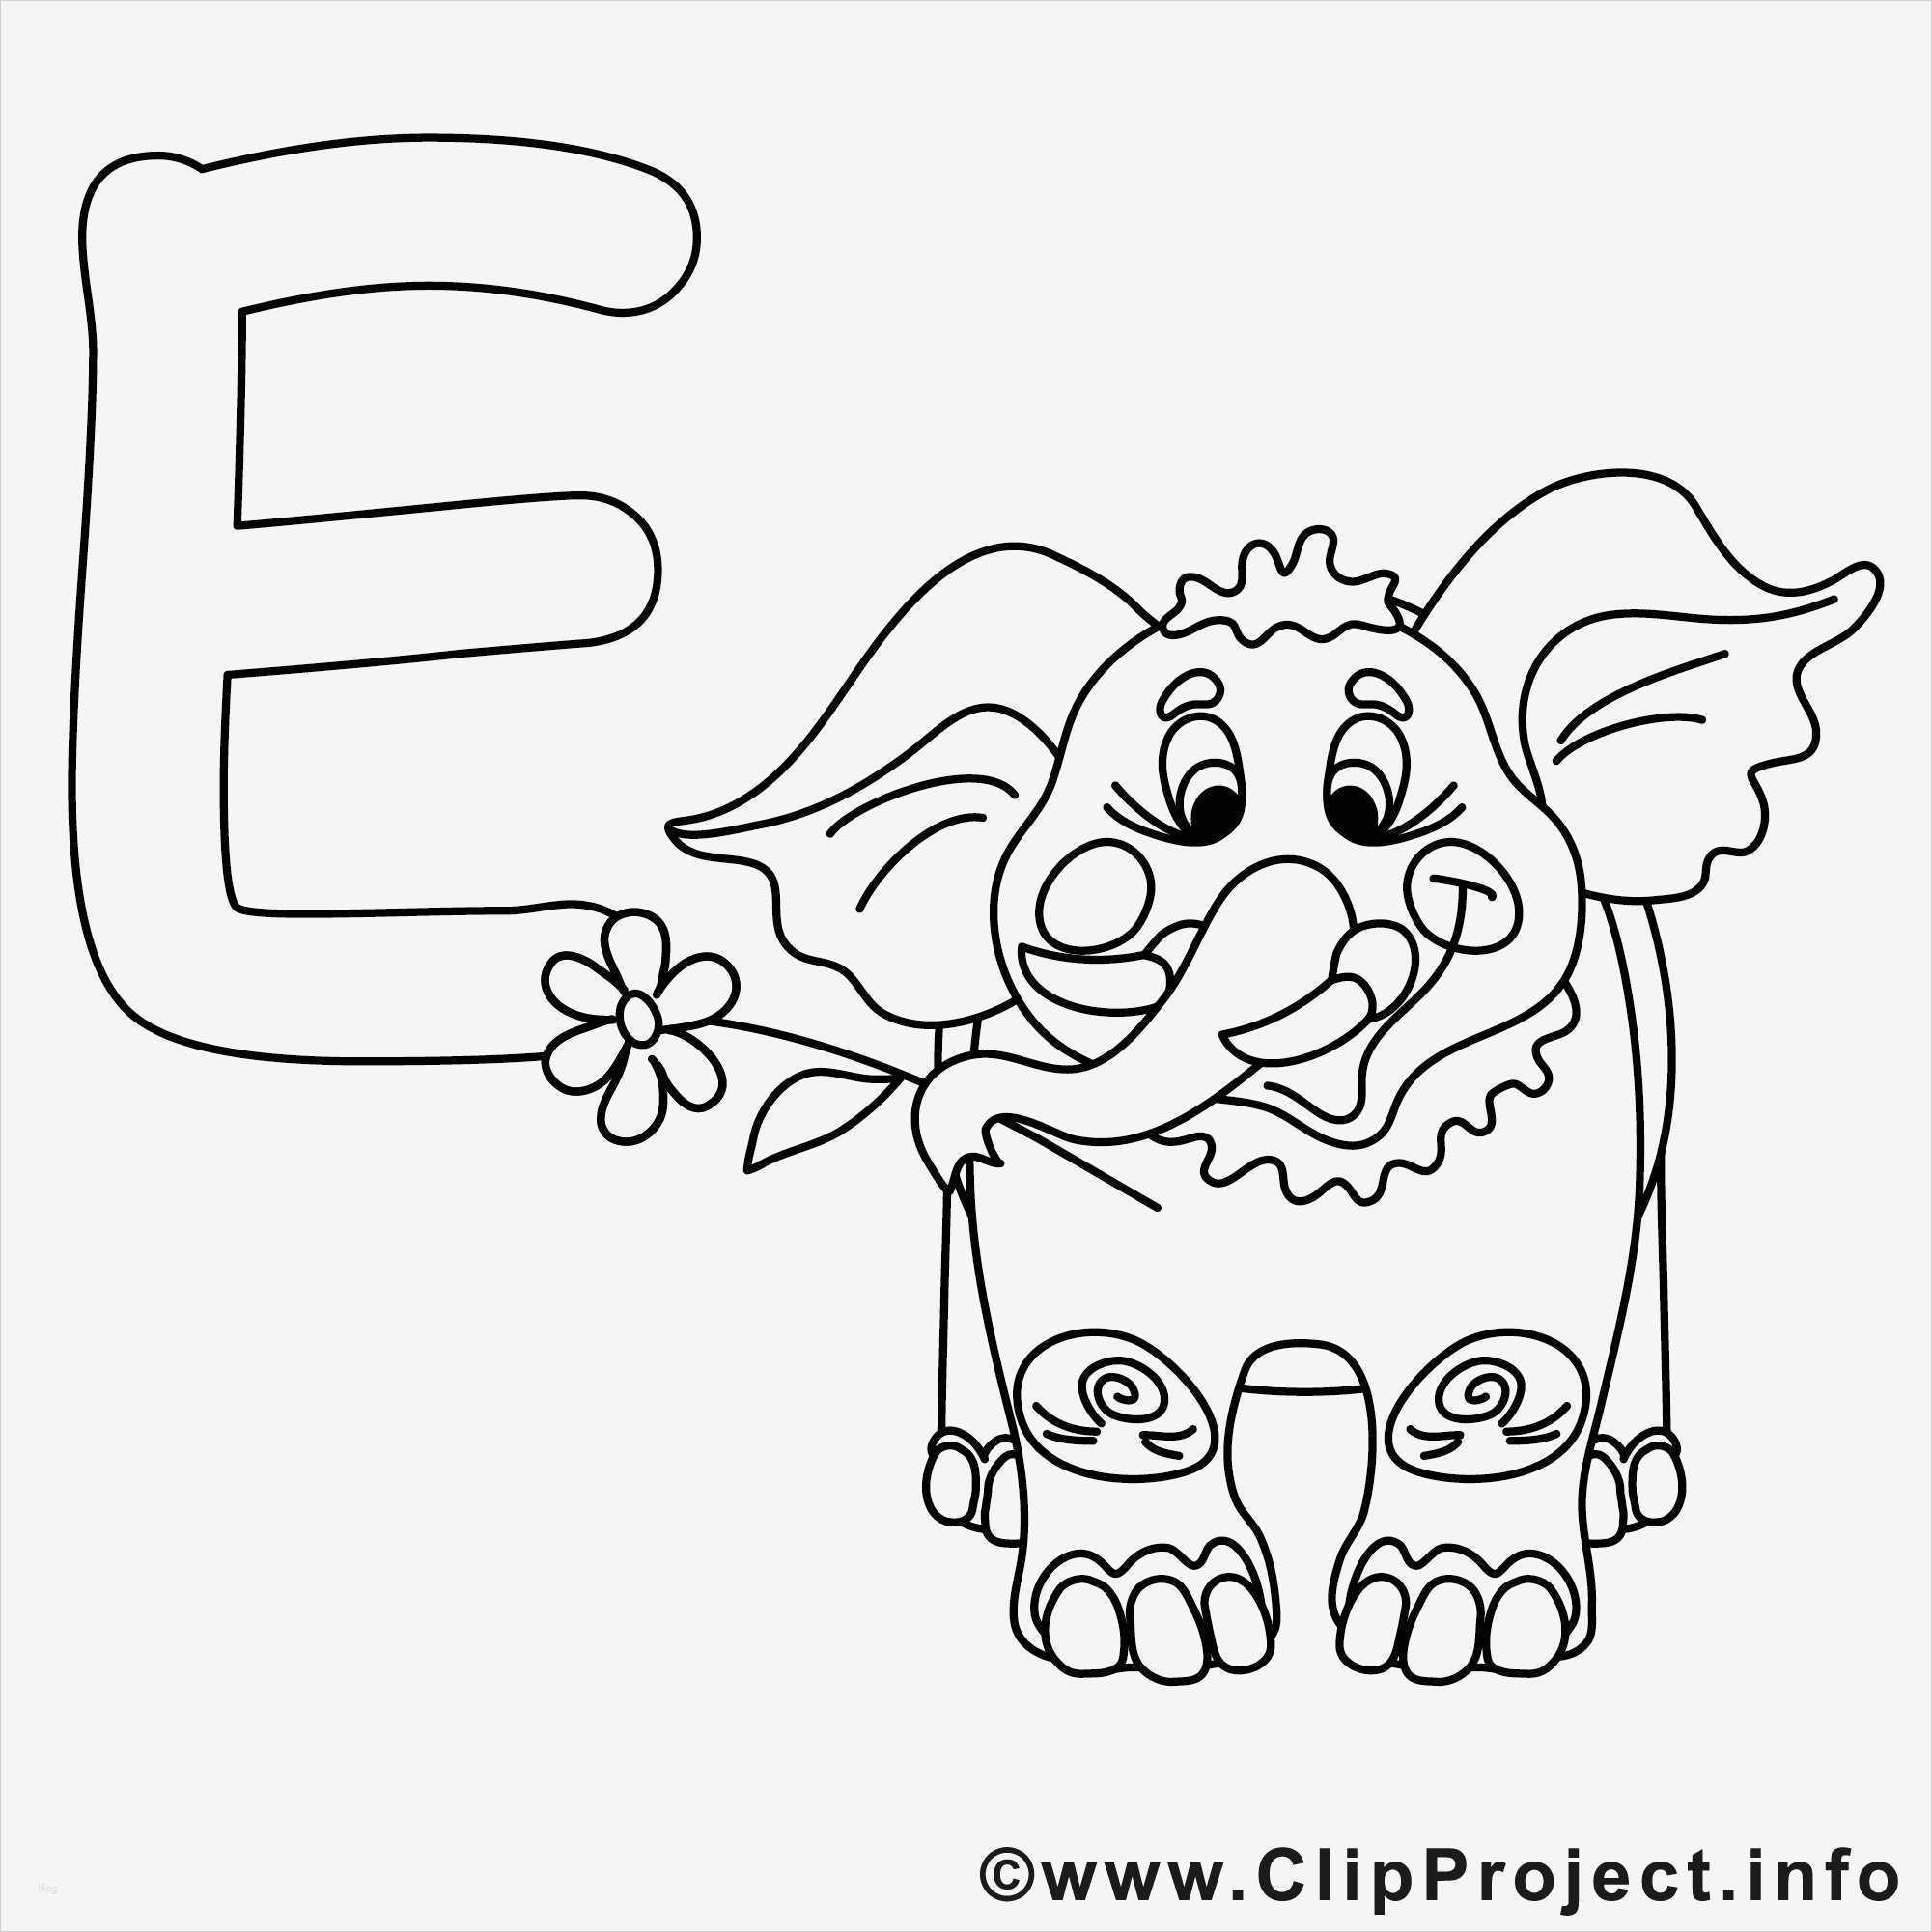 buchstaben vorlagen zum ausdrucken az erstaunlich elephant